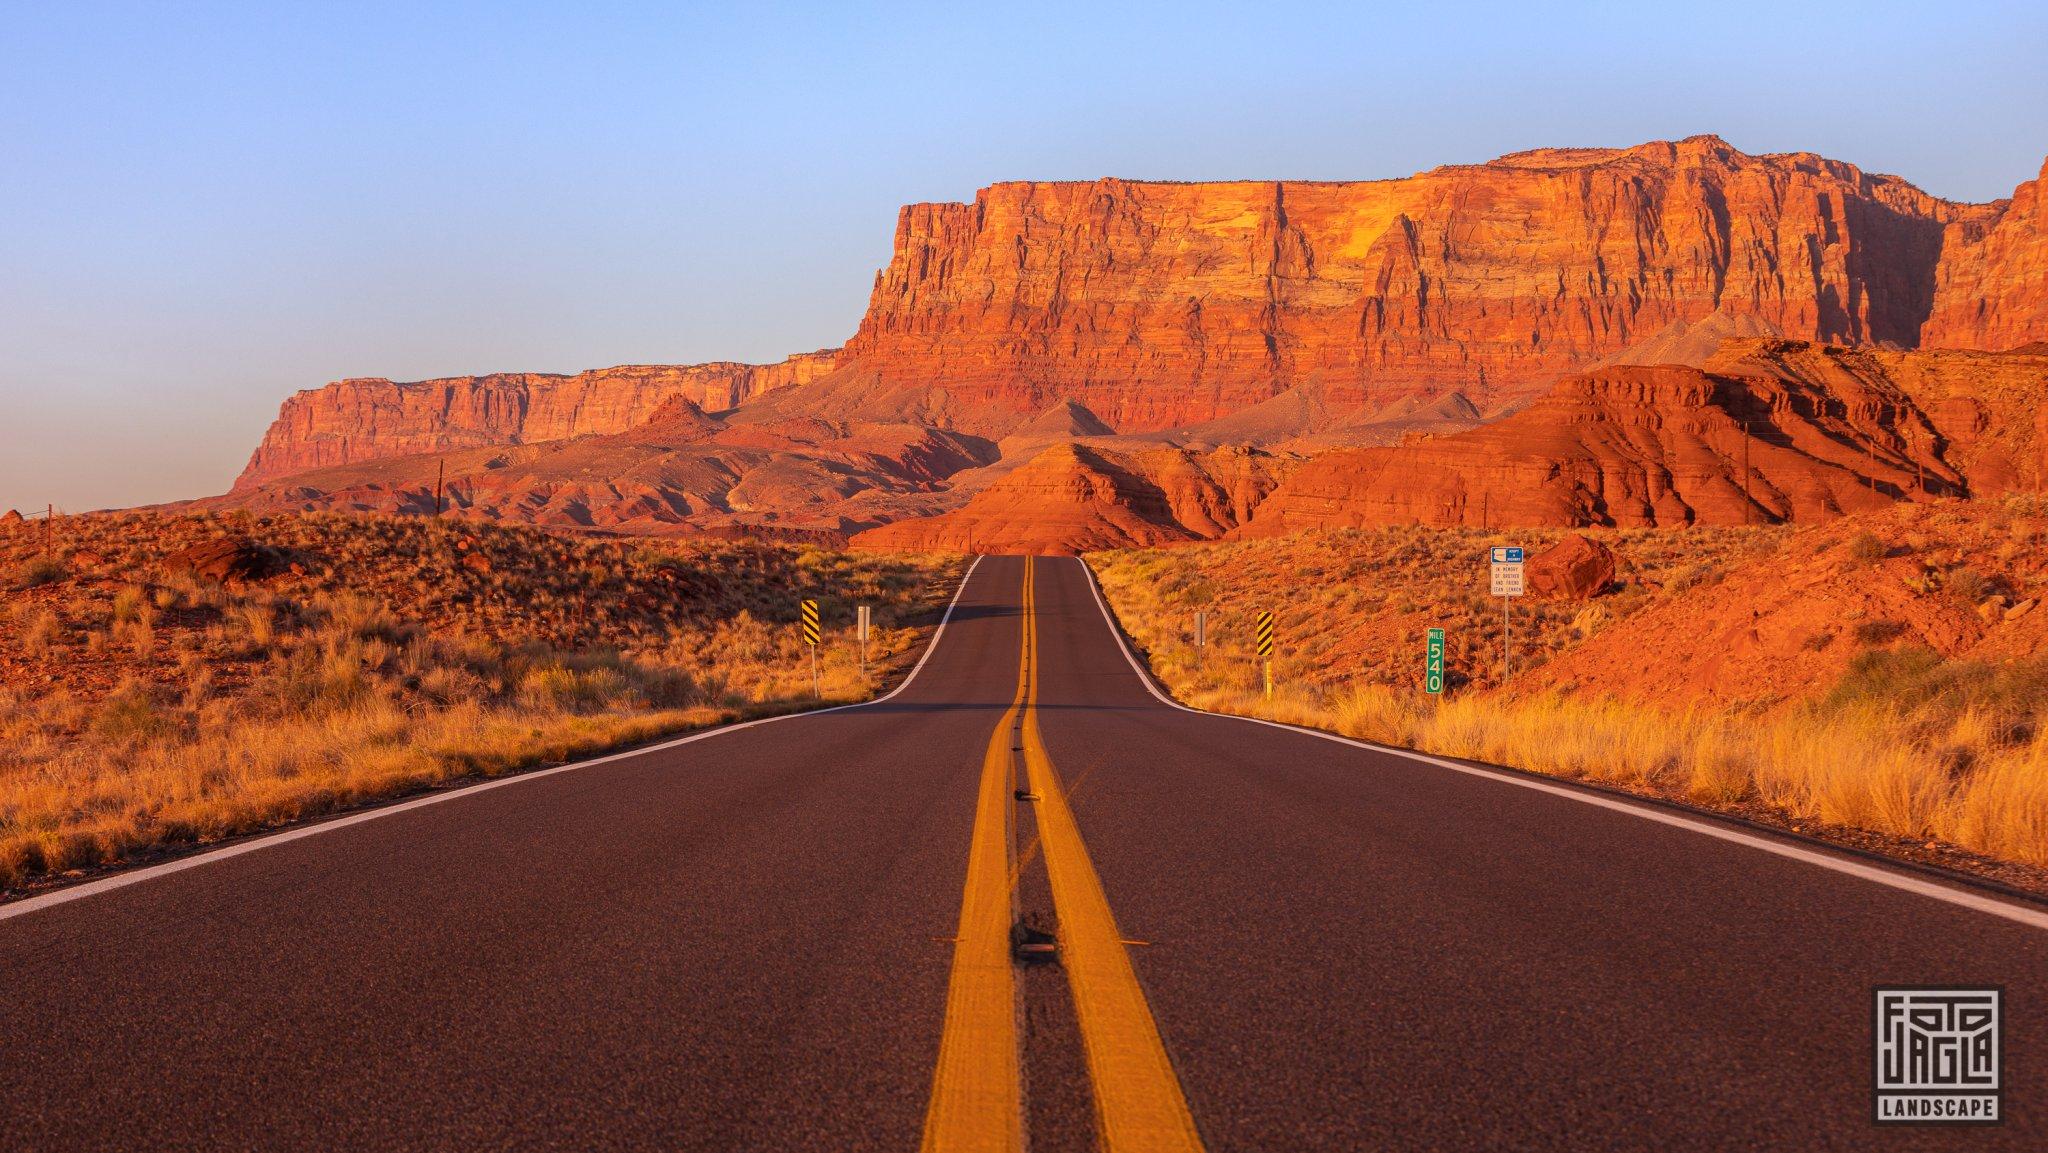 Sunrise at Marble Canyon Arizona, USA 2019